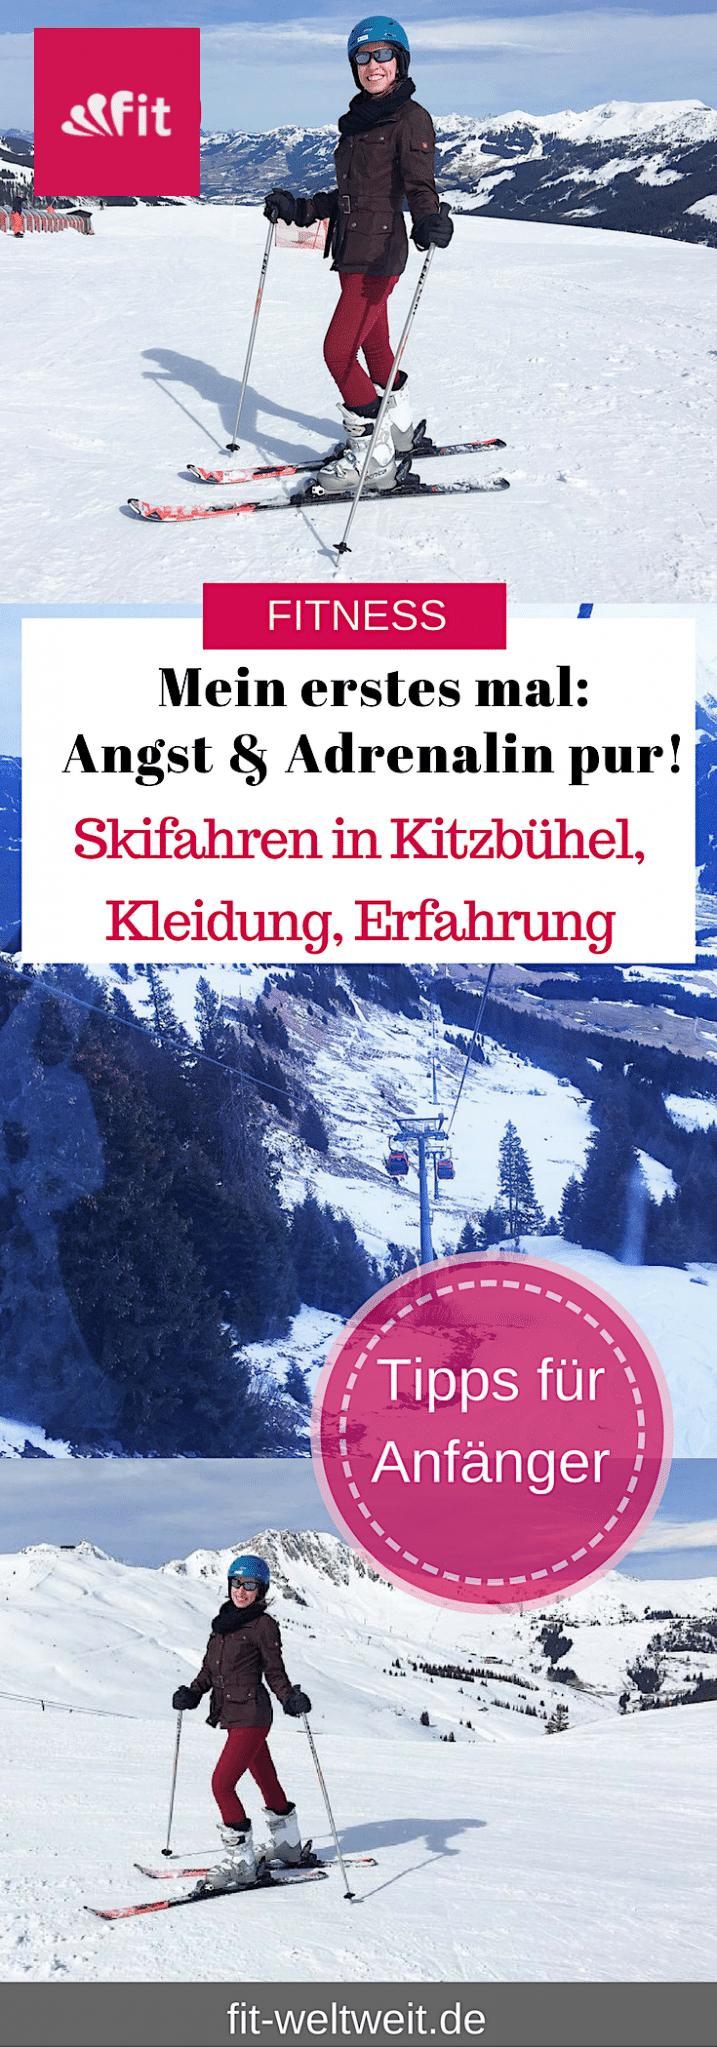 Skifahren als Anfänger, meine Erfahrung in den Kitzbühler Alpen, Ski Survival Guide im Ski Urlaub - bei diesen Fallen solltest du aufpassen. Ich habe dir alle Tücken und Lösungen aufgelistet, Apres Ski Party Hits rausgesucht. Zudem wie viele Kalorien du beim Skifahren verbrennst. Beim Ski fahren ist das richtige Beimtrainings wichtig. Achte auf deine Knie und mache diese Übungen. Falls du einen Kater von der Aires Ski Party hast, hilft dir dieses Superfood Pulver #ski